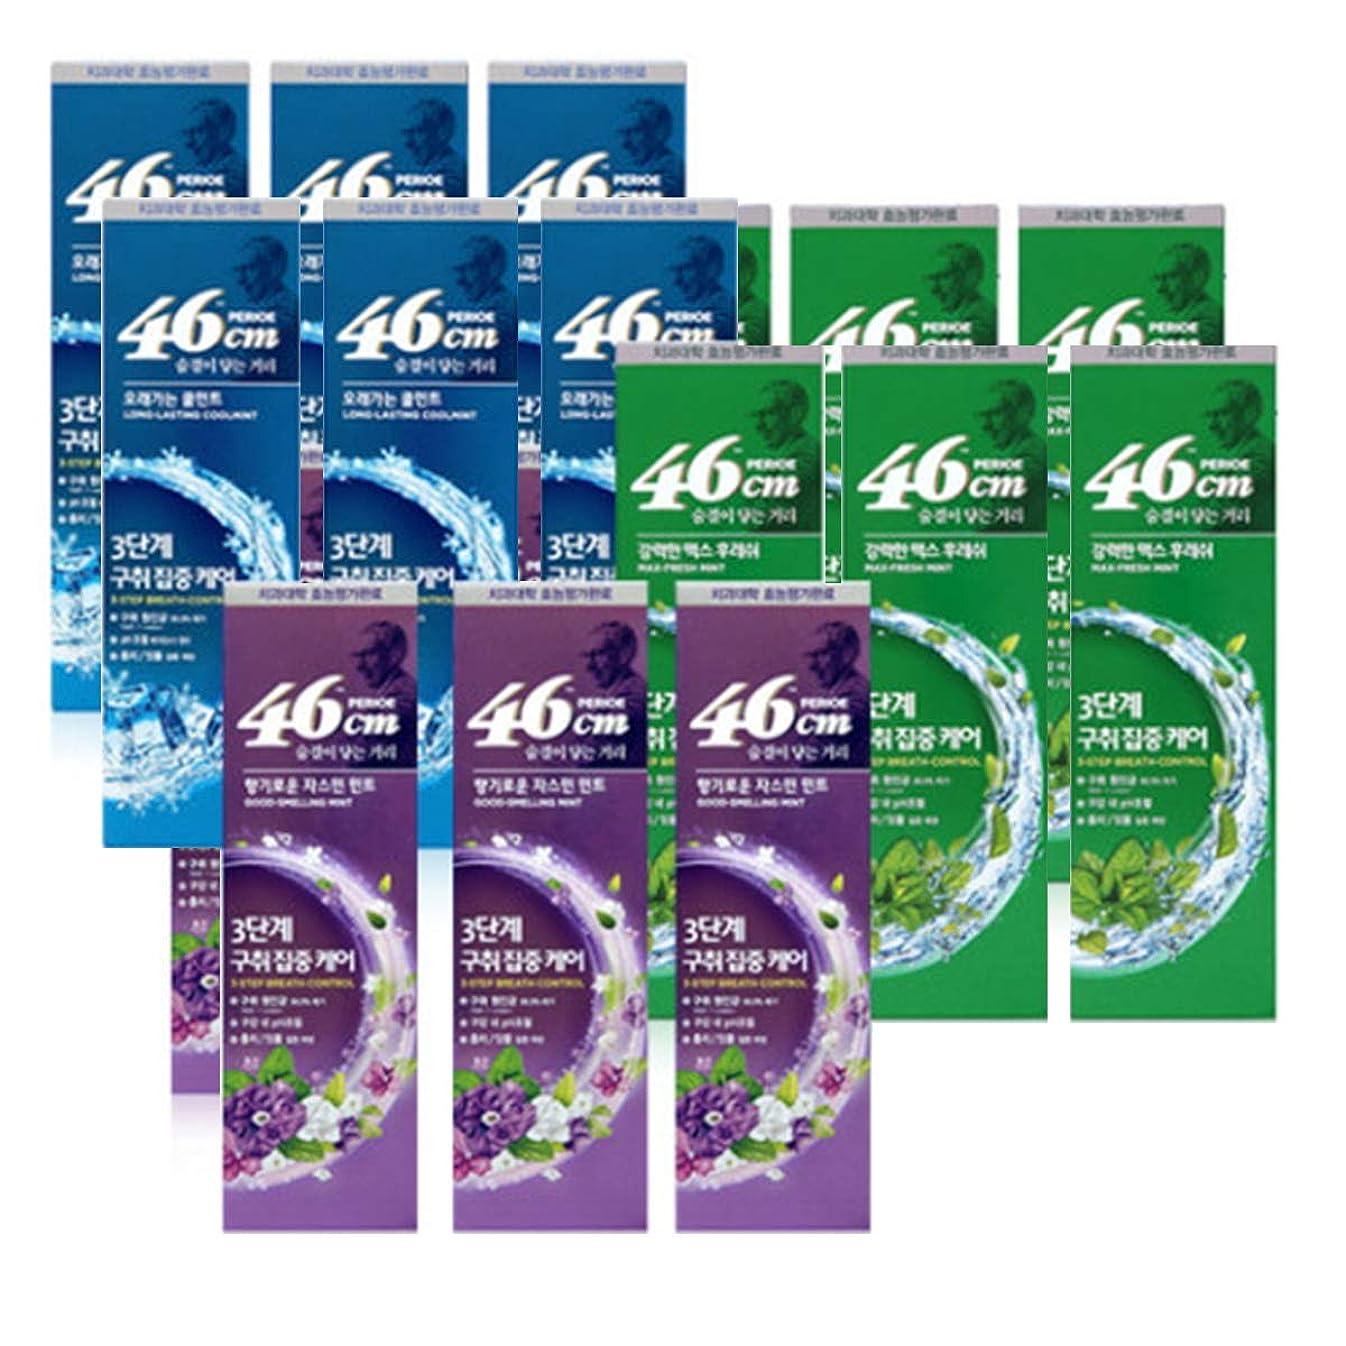 信頼性可動咽頭[LG HnB] Perio 46cm toothpaste / ペリオ46cm歯磨き粉 100gx18個(海外直送品)